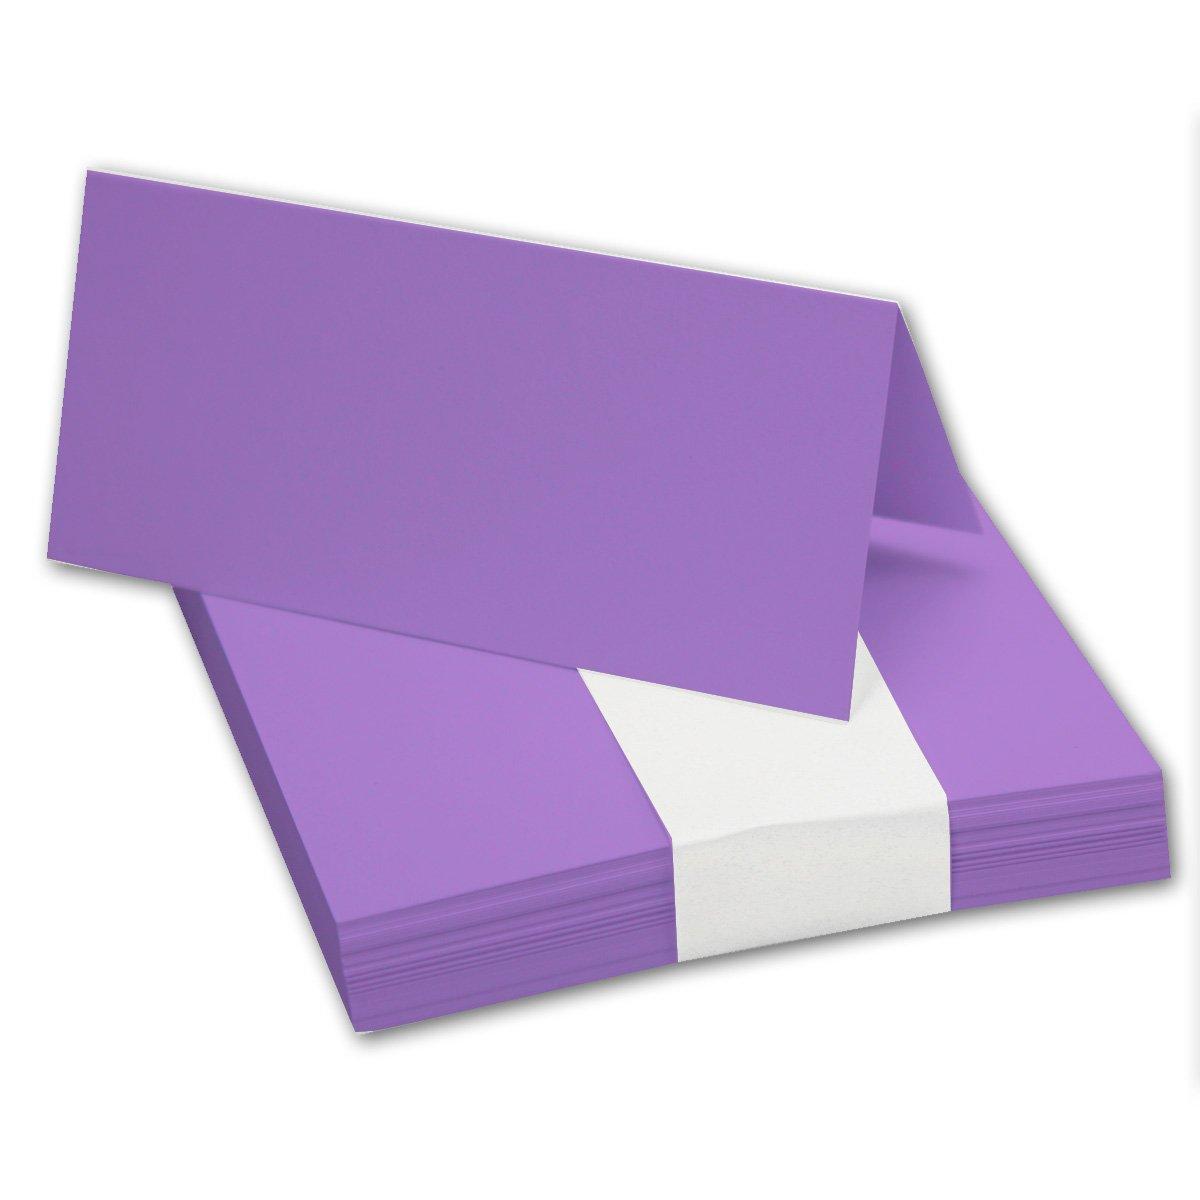 200x Tischkarten in Hochweiß I Größe  100 x 90 mm (Gefaltet 100 x 45 mm) I 240 g m² - Sehr Schwere und Stabile Qualität I aus der Serie FarbenFroh von NEUSER  B073D42YHT | Online